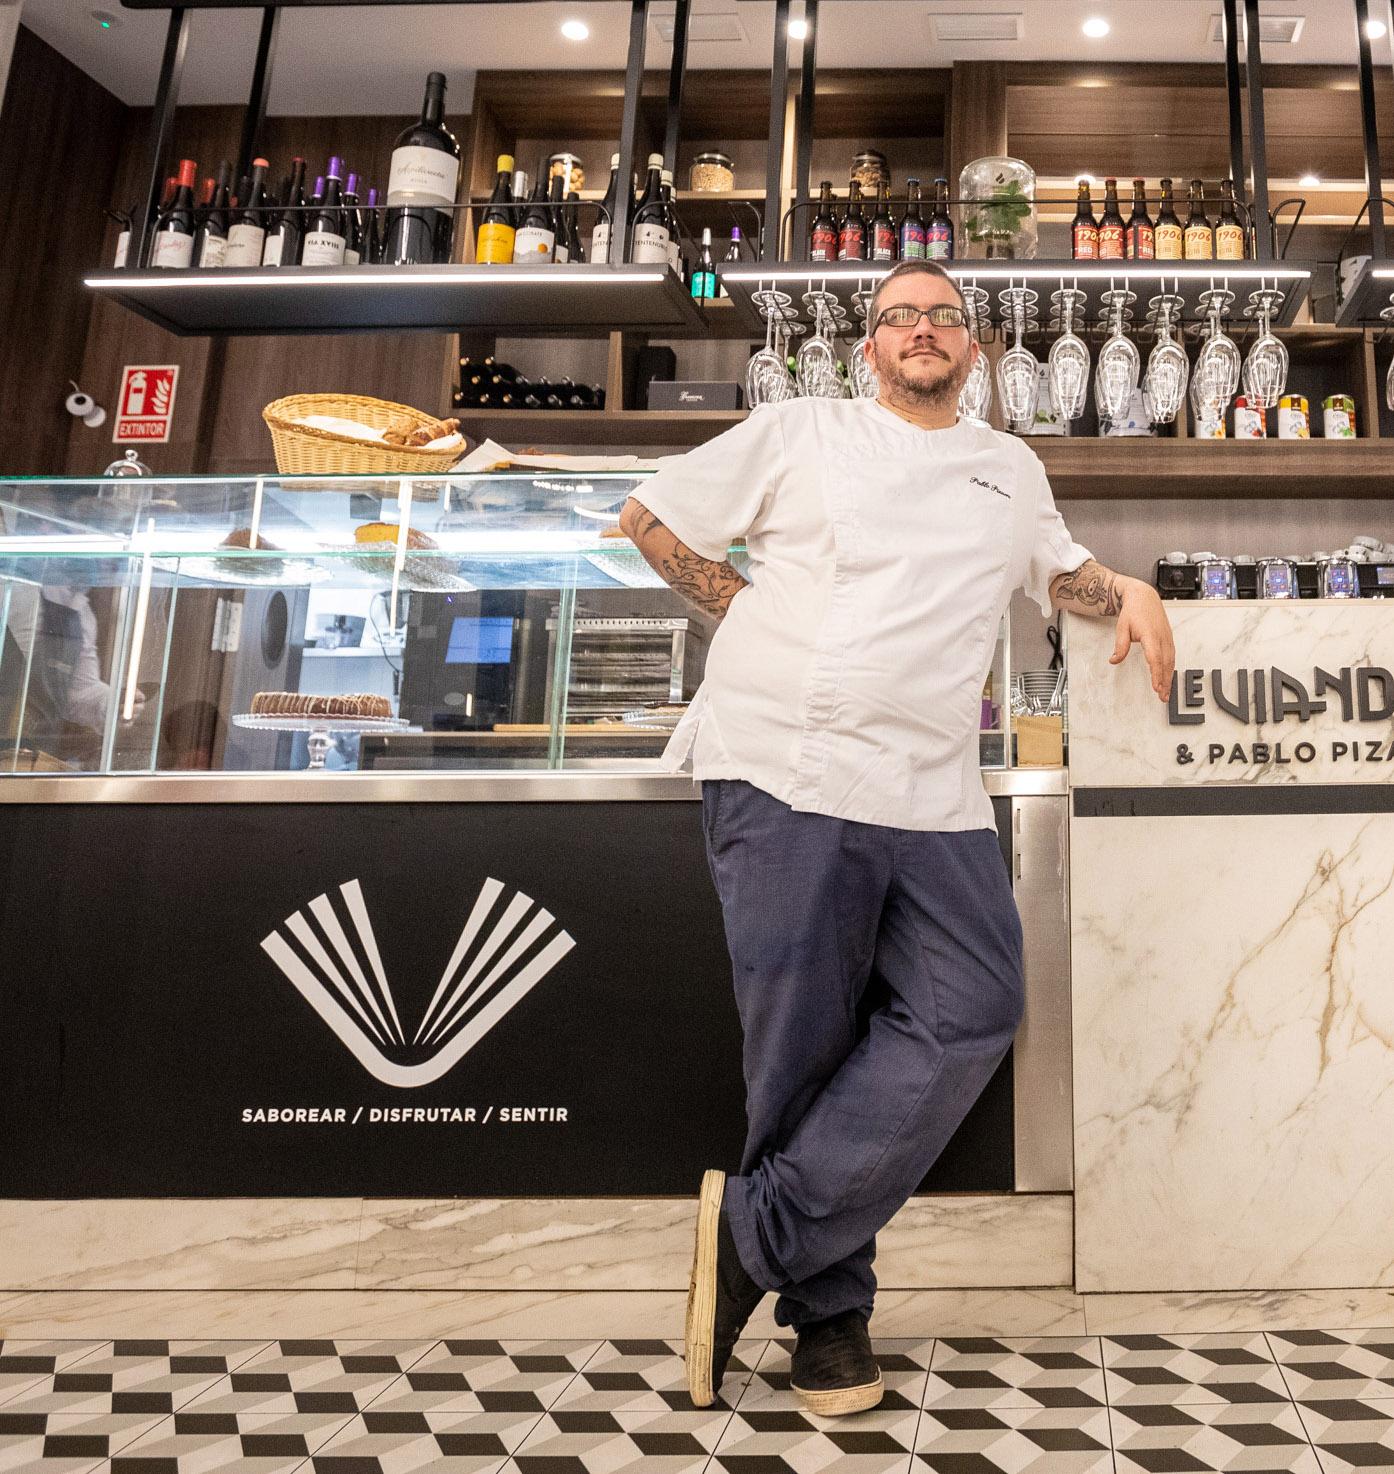 El cocinero Pablo Pizarro termina una etapa en Leviandier para afrontar nuevos proyectos